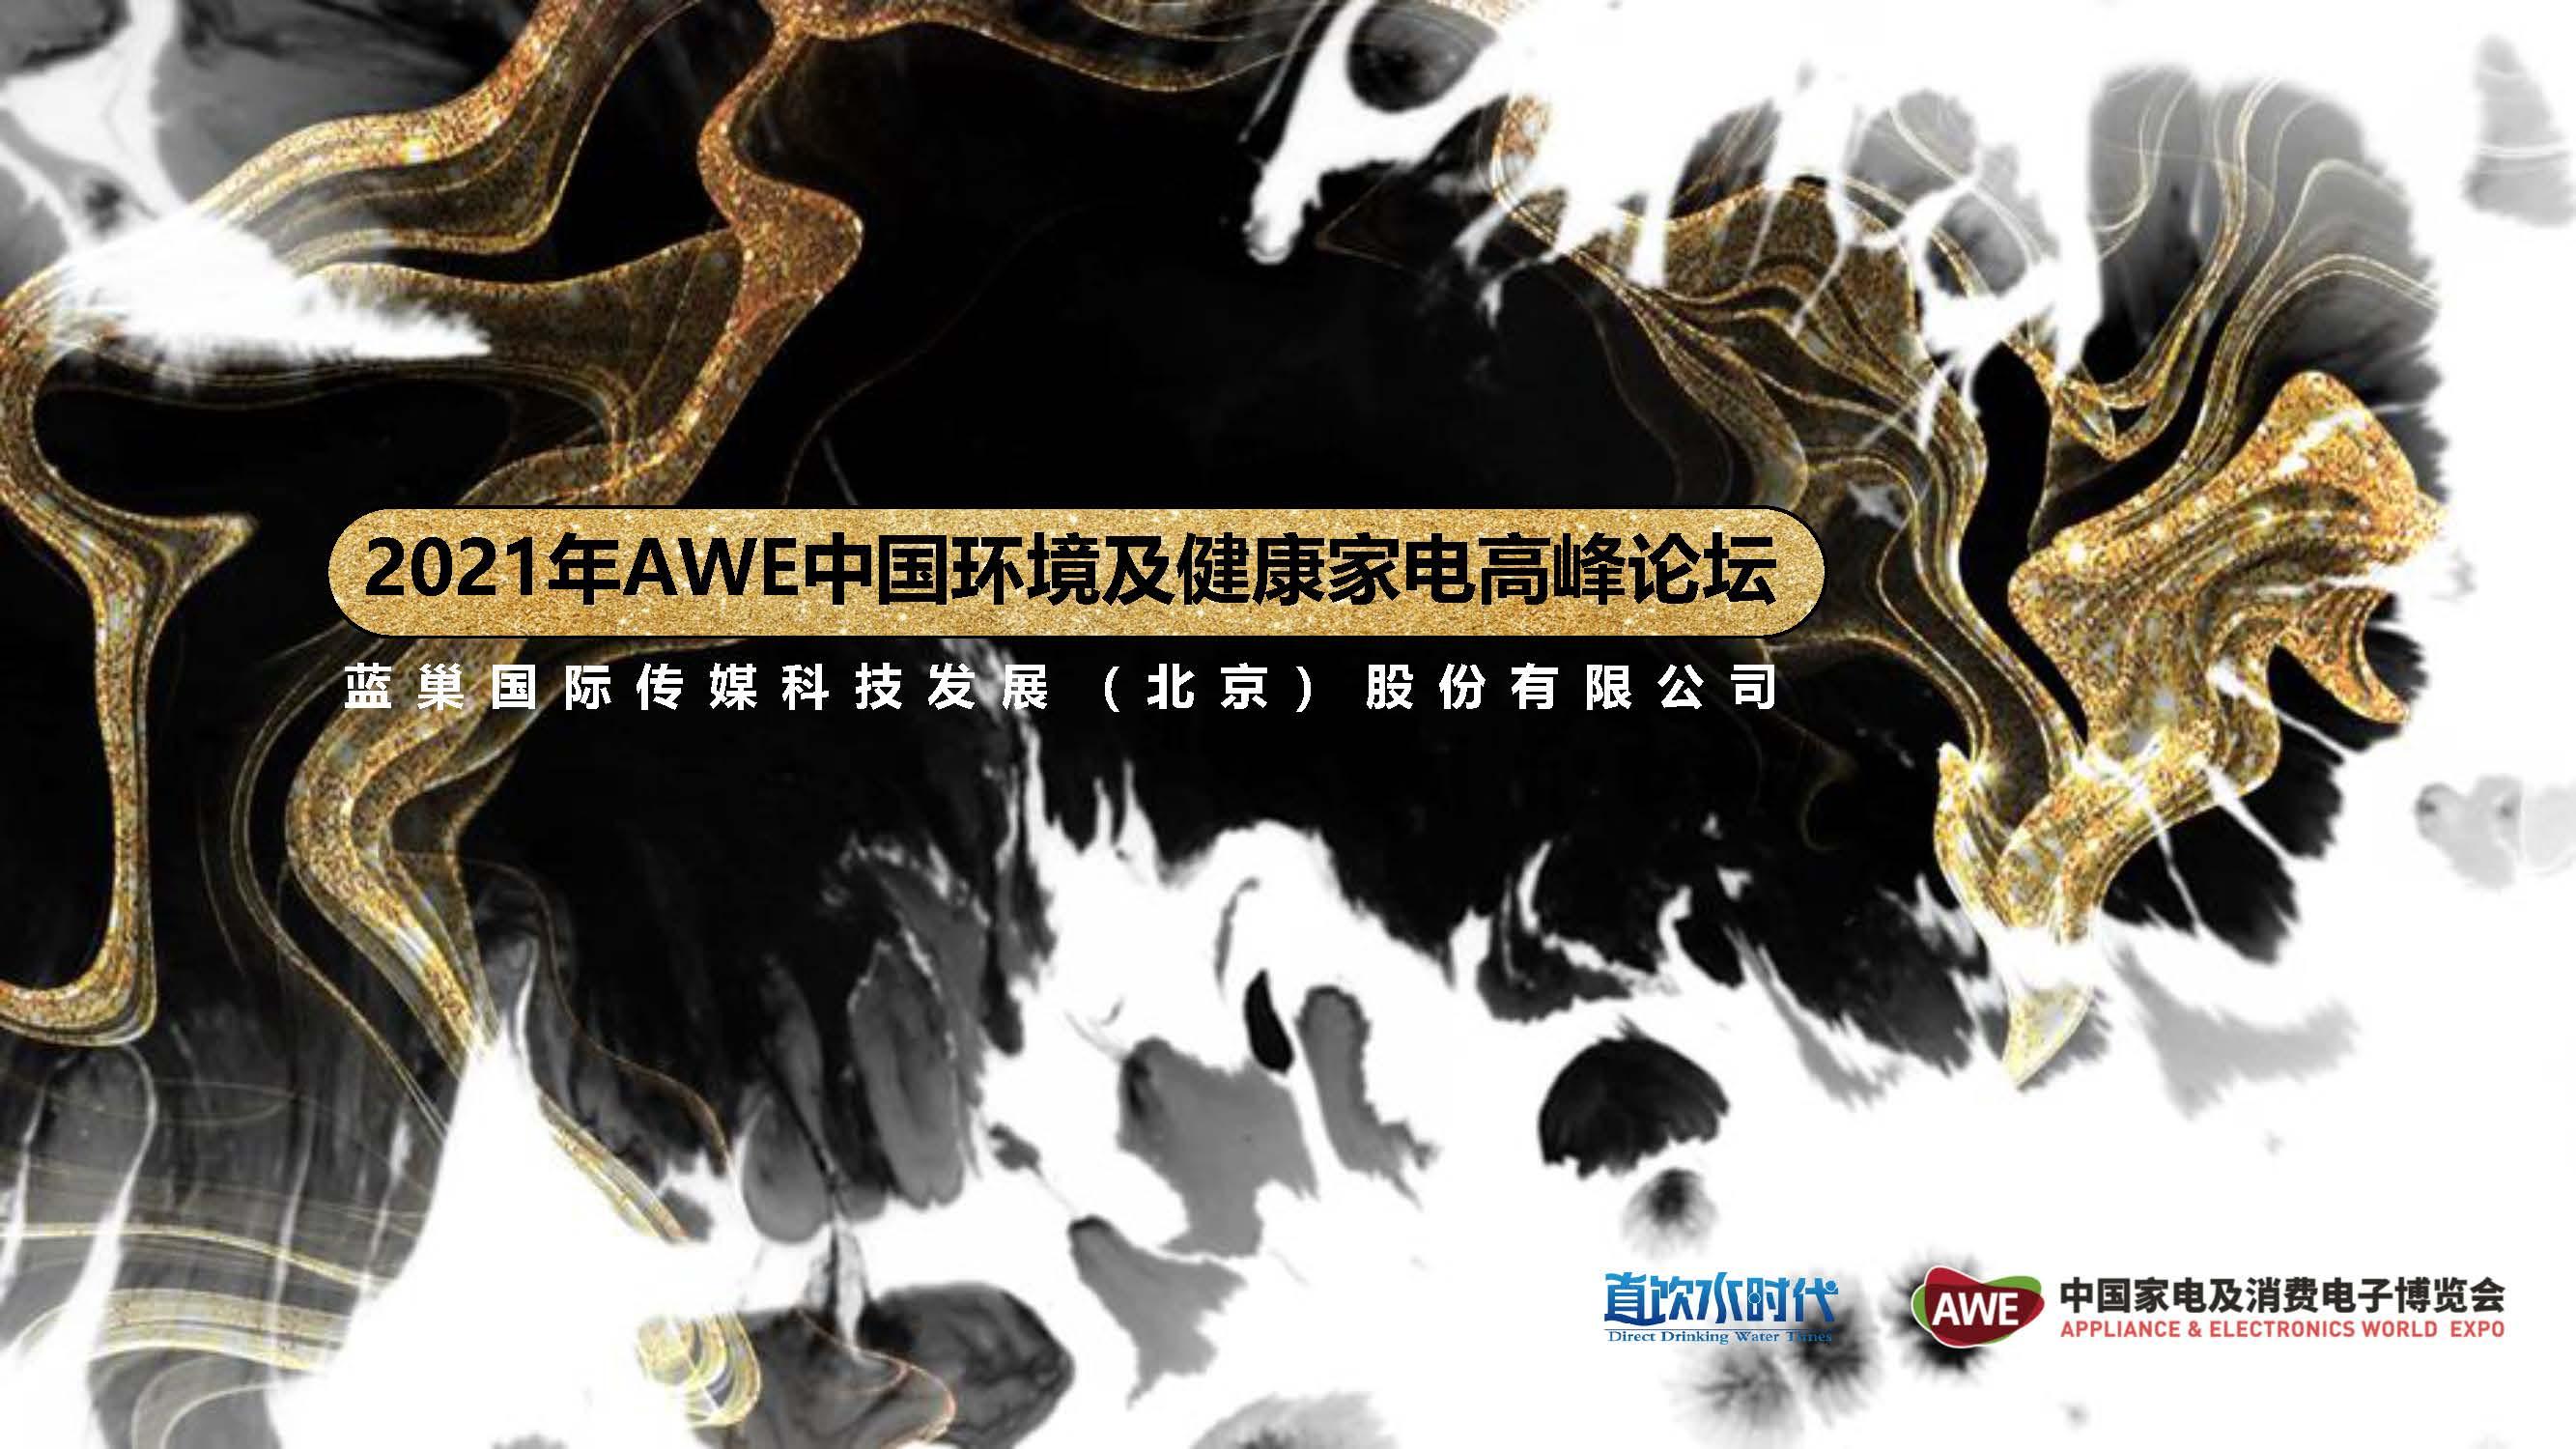 2021年AWE环境及健康家电高峰论坛 全天_页面_01.jpg